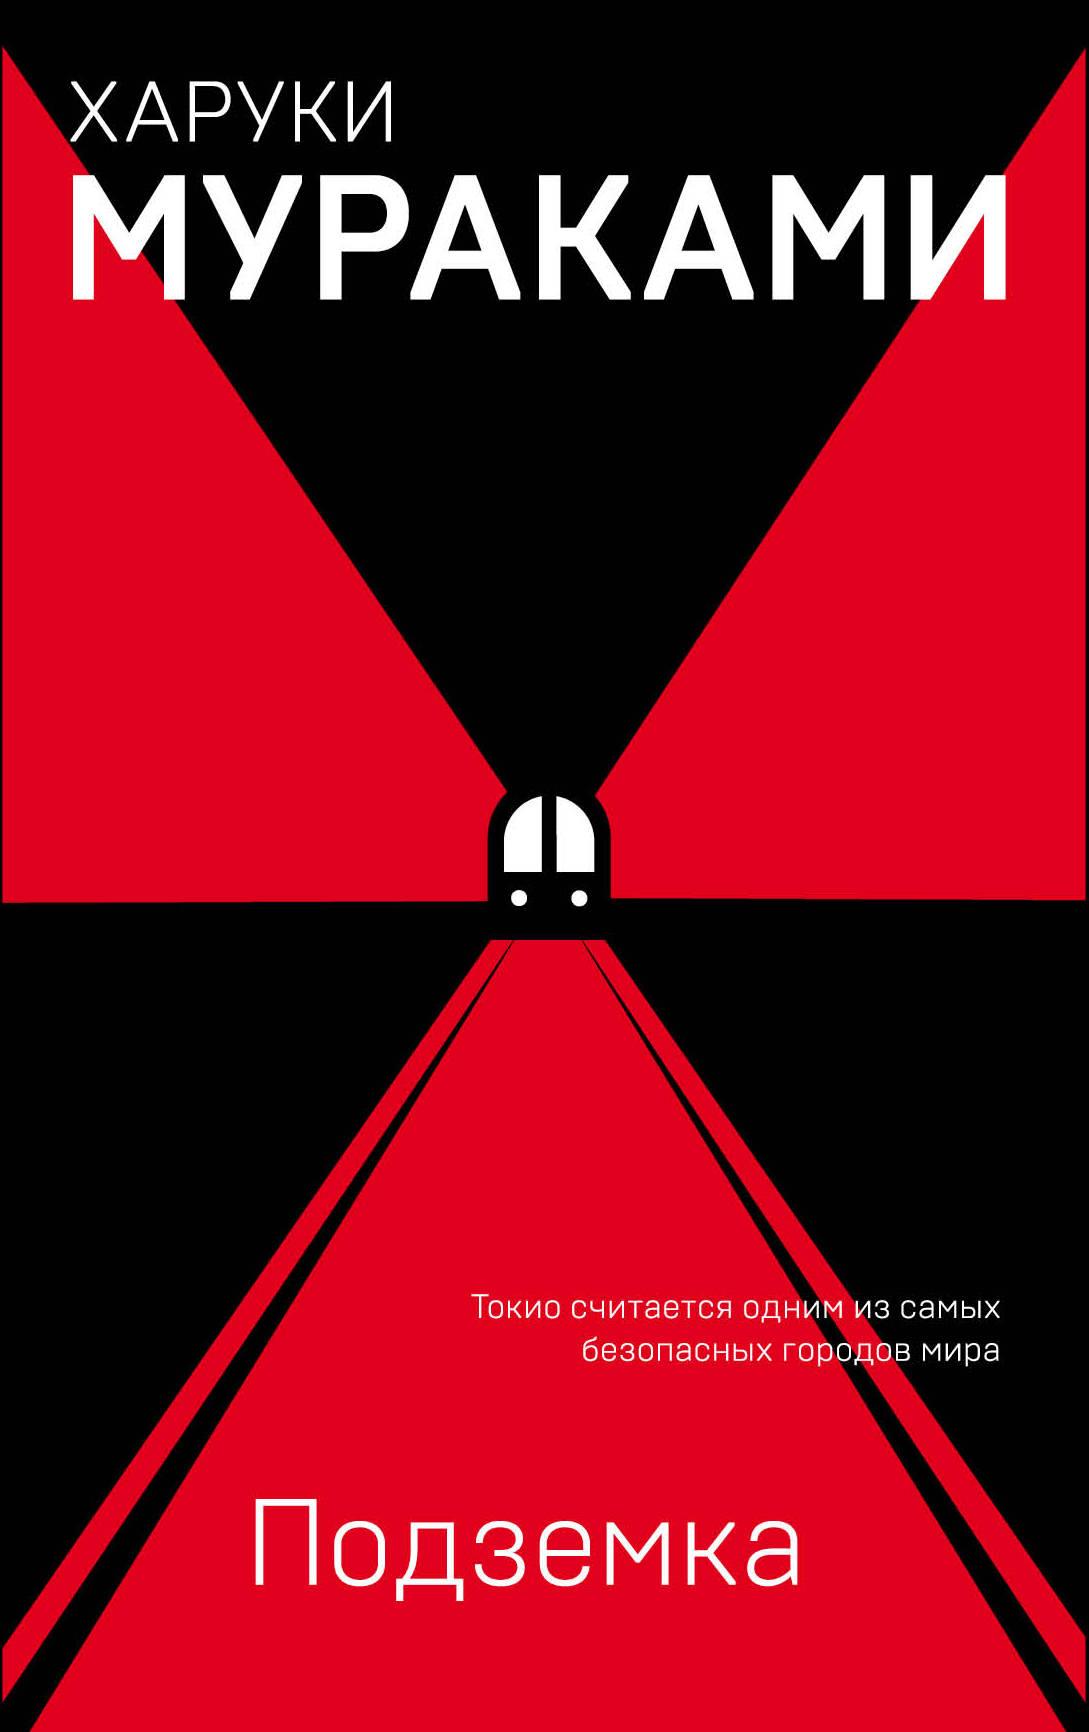 Харуки Мураками «Подземка»